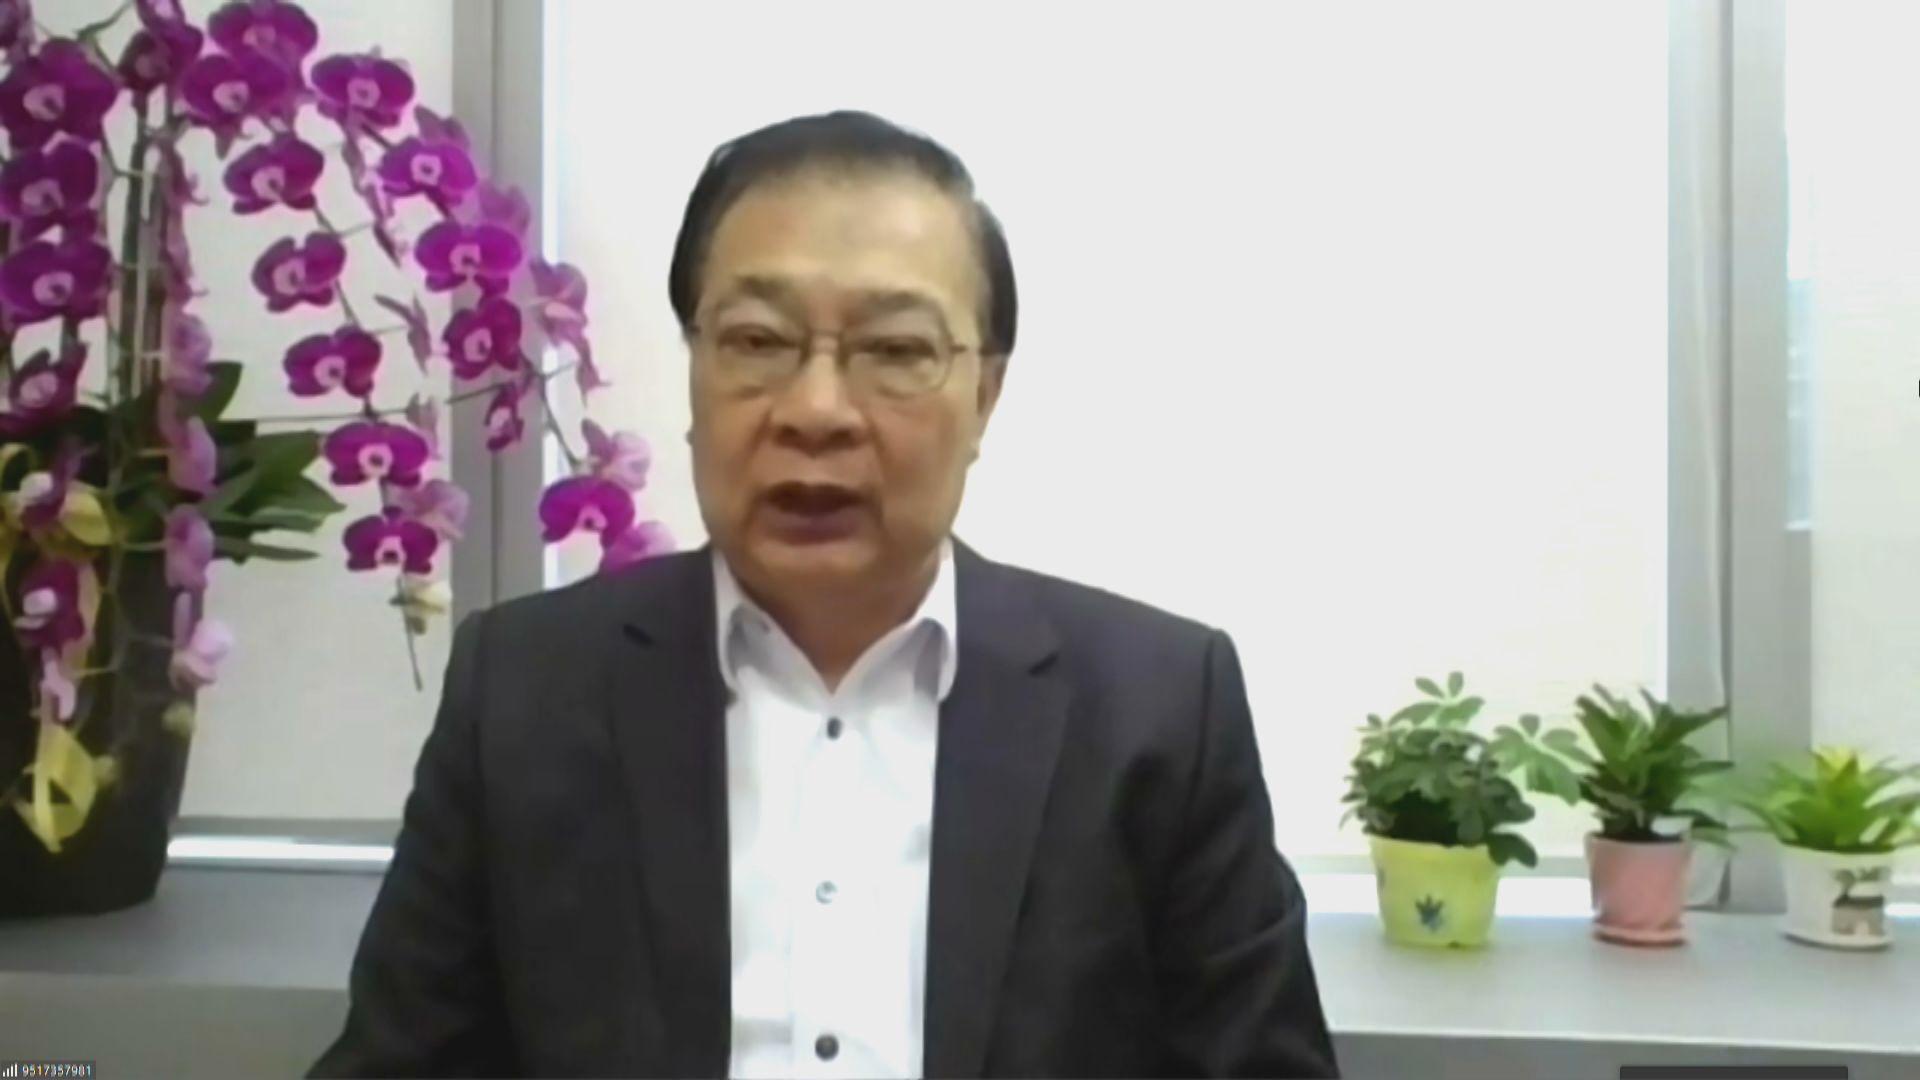 譚耀宗:光復香港等示威口號有機會牴觸港區國安法